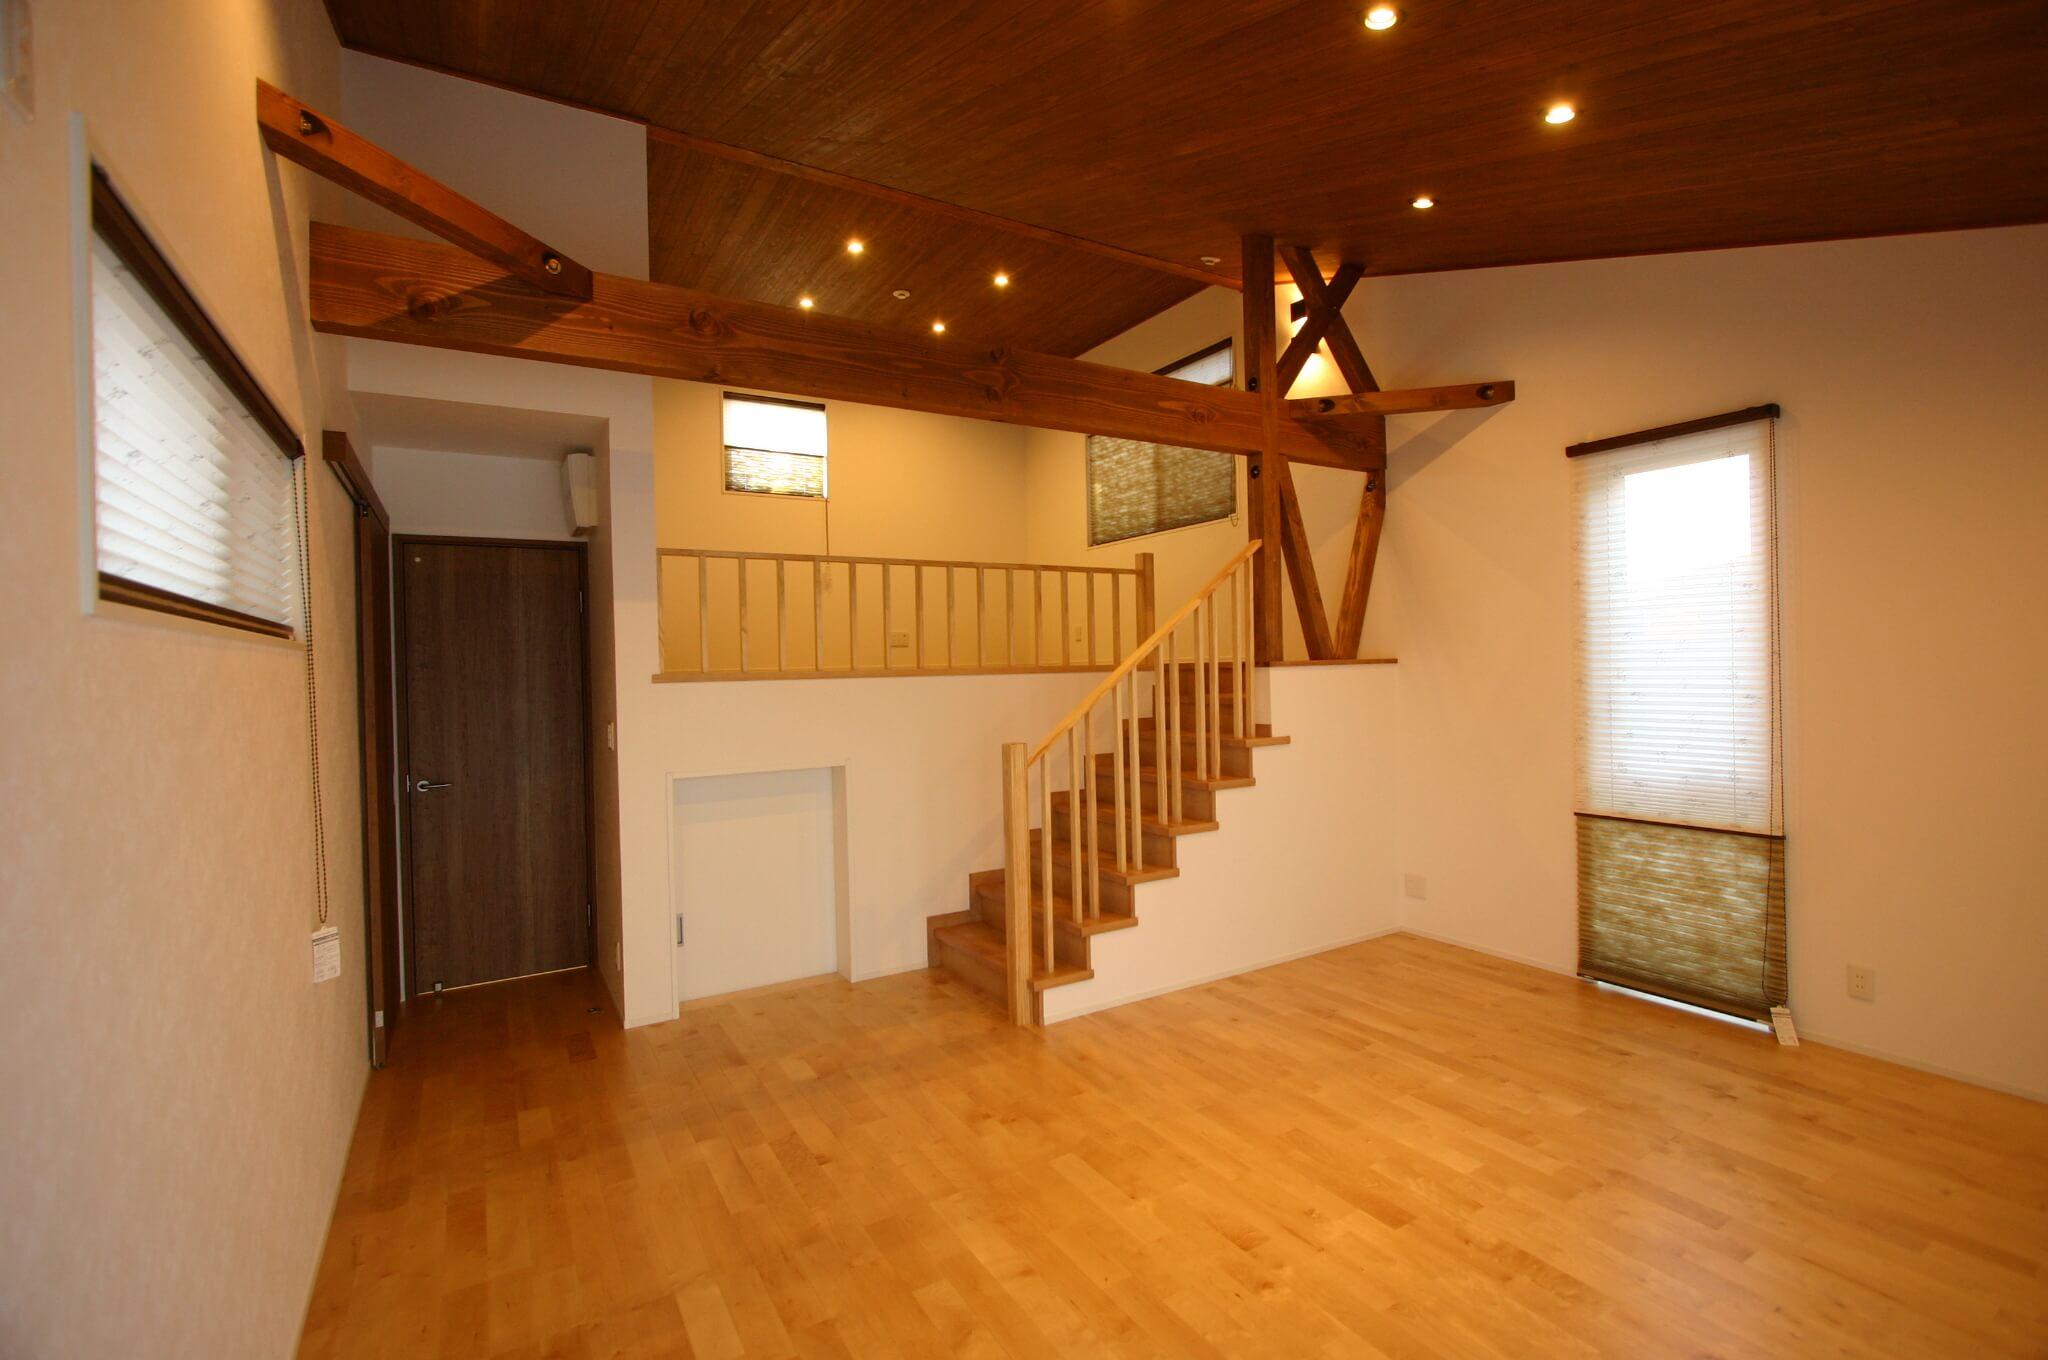 注文住宅|安水建設|愛知県三河エリアの木造注文住宅・リフォームこんなリビングできたらいいな…